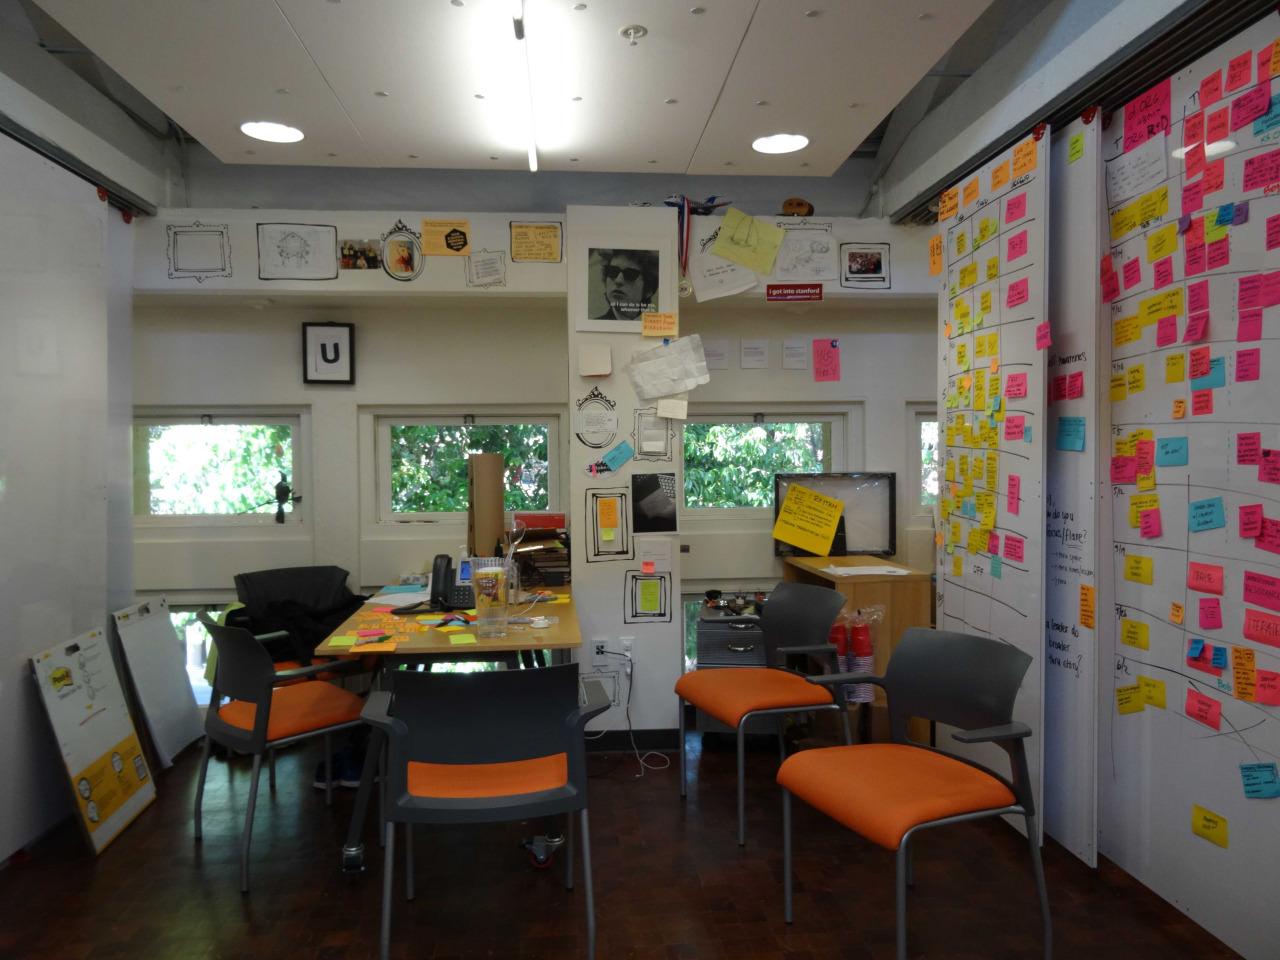 Wie arbeitet und denkt man kreativ? Das wird unter anderem an der Stanford University gelehrt.